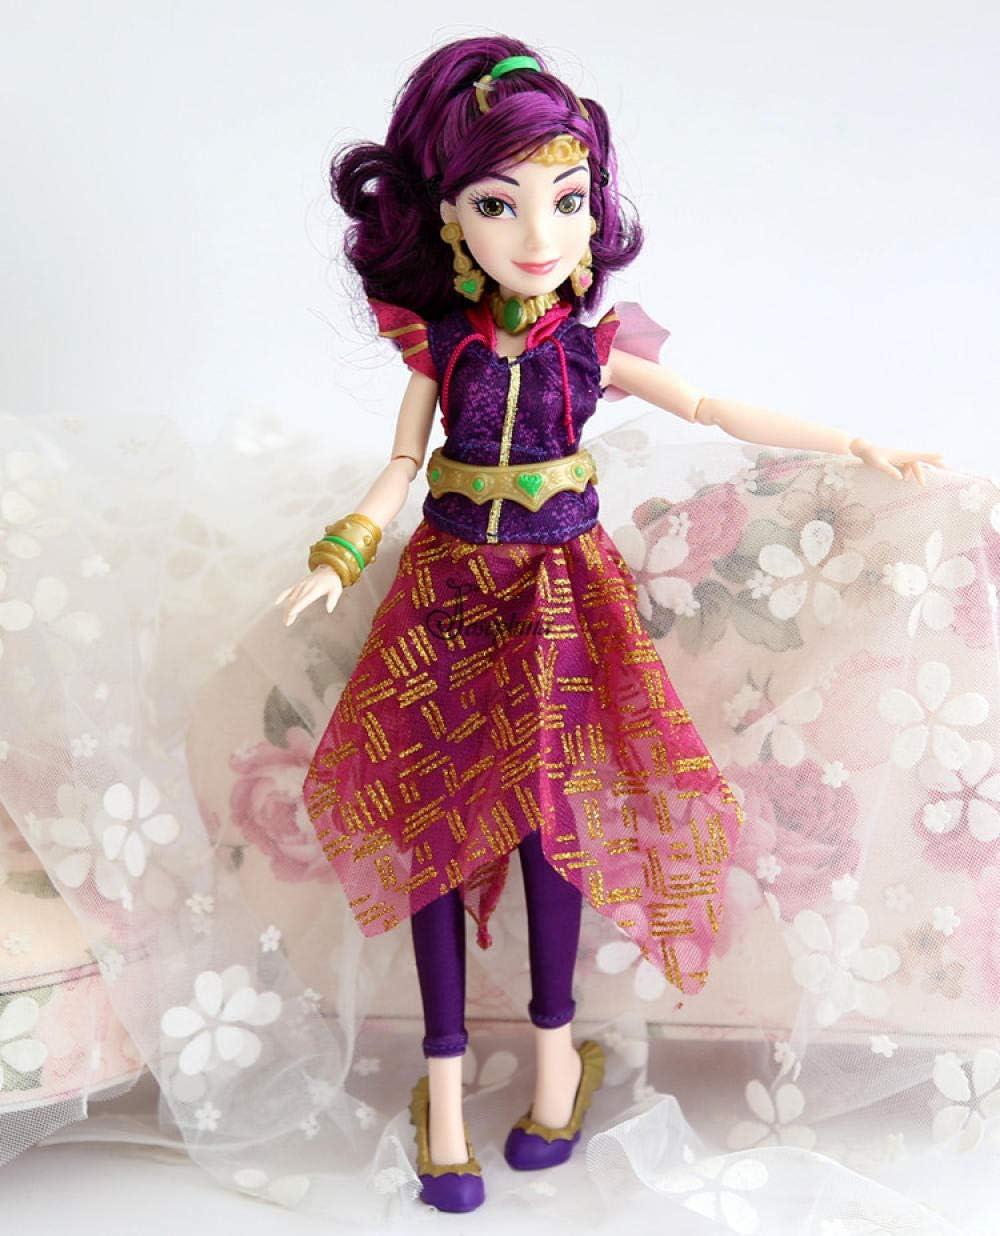 11 Pulgadas Original Jimusuhutu Descendientes Evie Mal Modelo BJD Dolls Fashion 11Joints Anime Figure Toy para niñas-como Imagen 12_Ninguna Caja al por Menor